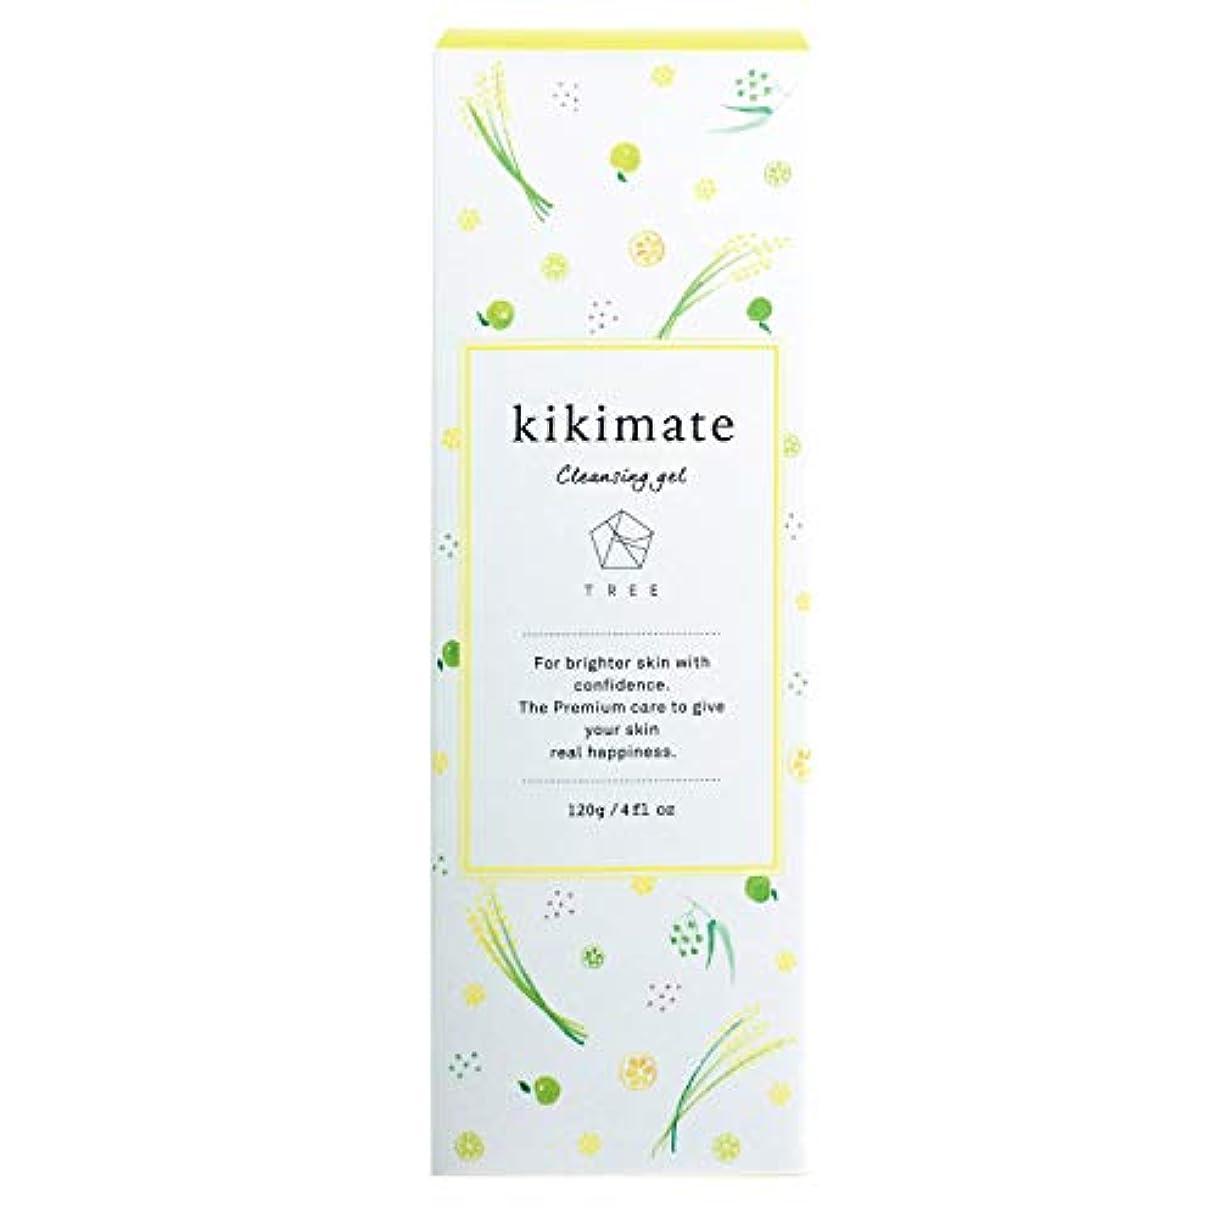 乱れ召喚するできれば< kikimate クレンジングジェル > キキメイト 低刺激 オーガニック スキンケア 洗顔 120g ~毛穴?黒ずみに優しくアプローチ~